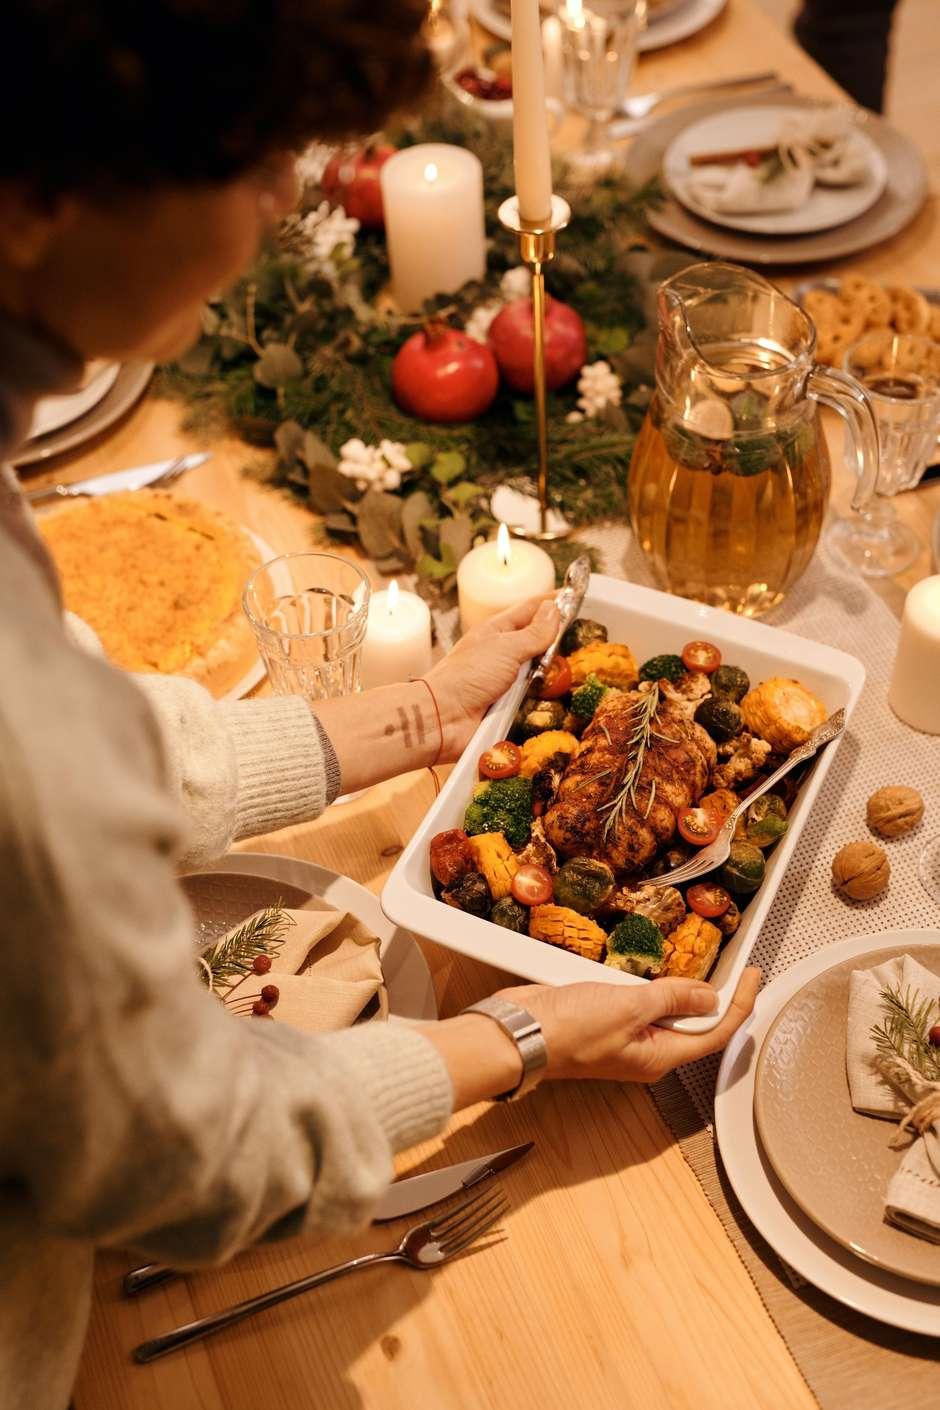 storyceia1 - Saibam quais os alimentos da ceia natalina que causam mau hálito